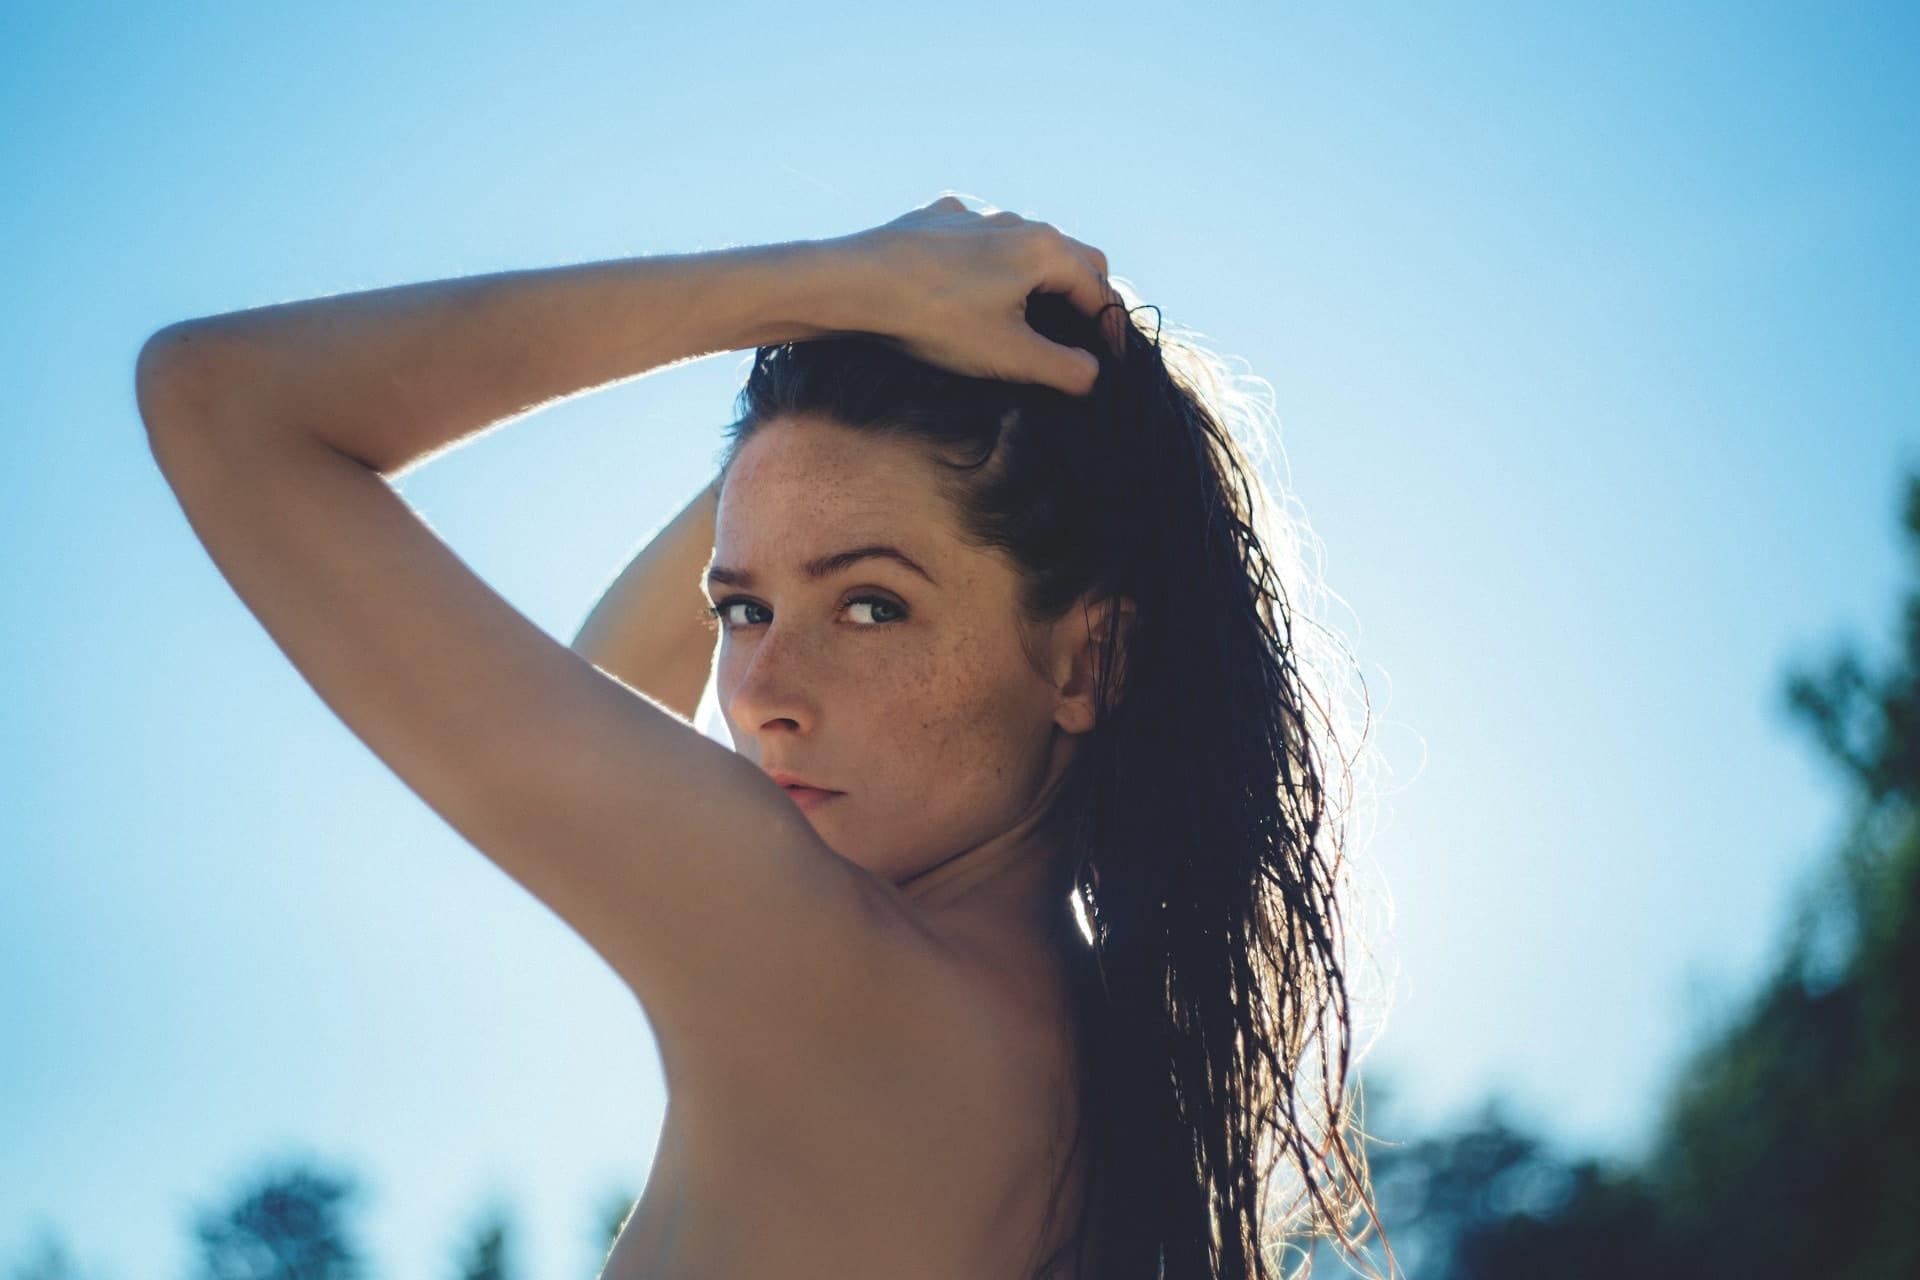 Kaip išsirinkti geriausią šampūną plaukams